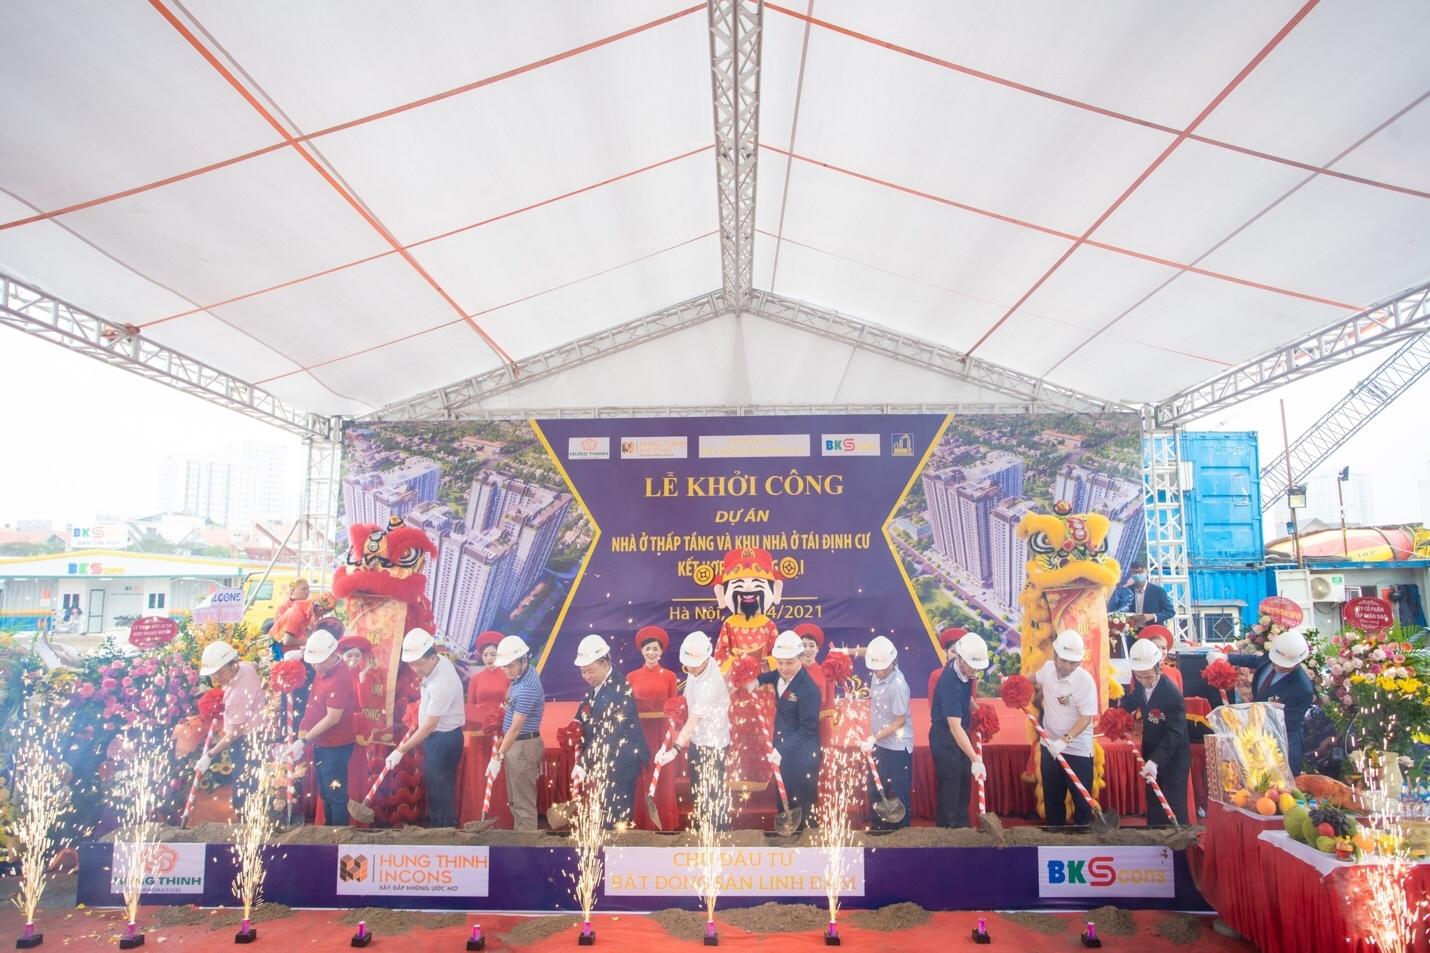 Hà Nội: Khởi công xây dựng dự án Chung cư Tây Nam Linh Đàm